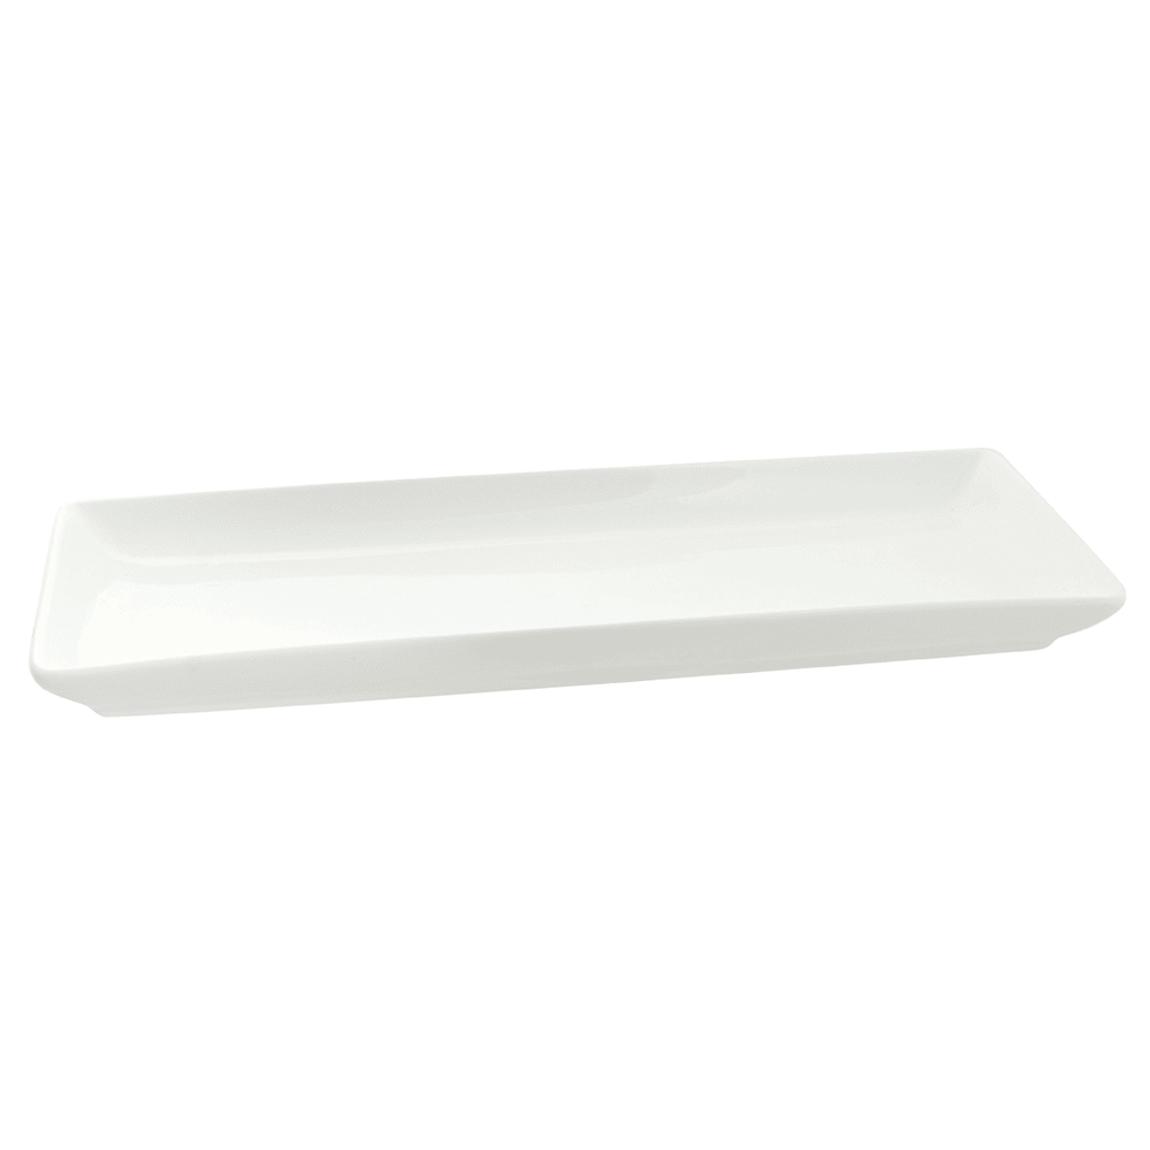 """10 Strawberry Street WTR-13CPREC Rectangular Whittier Platter - 13.5"""" x 5.5"""", Porcelain, White"""